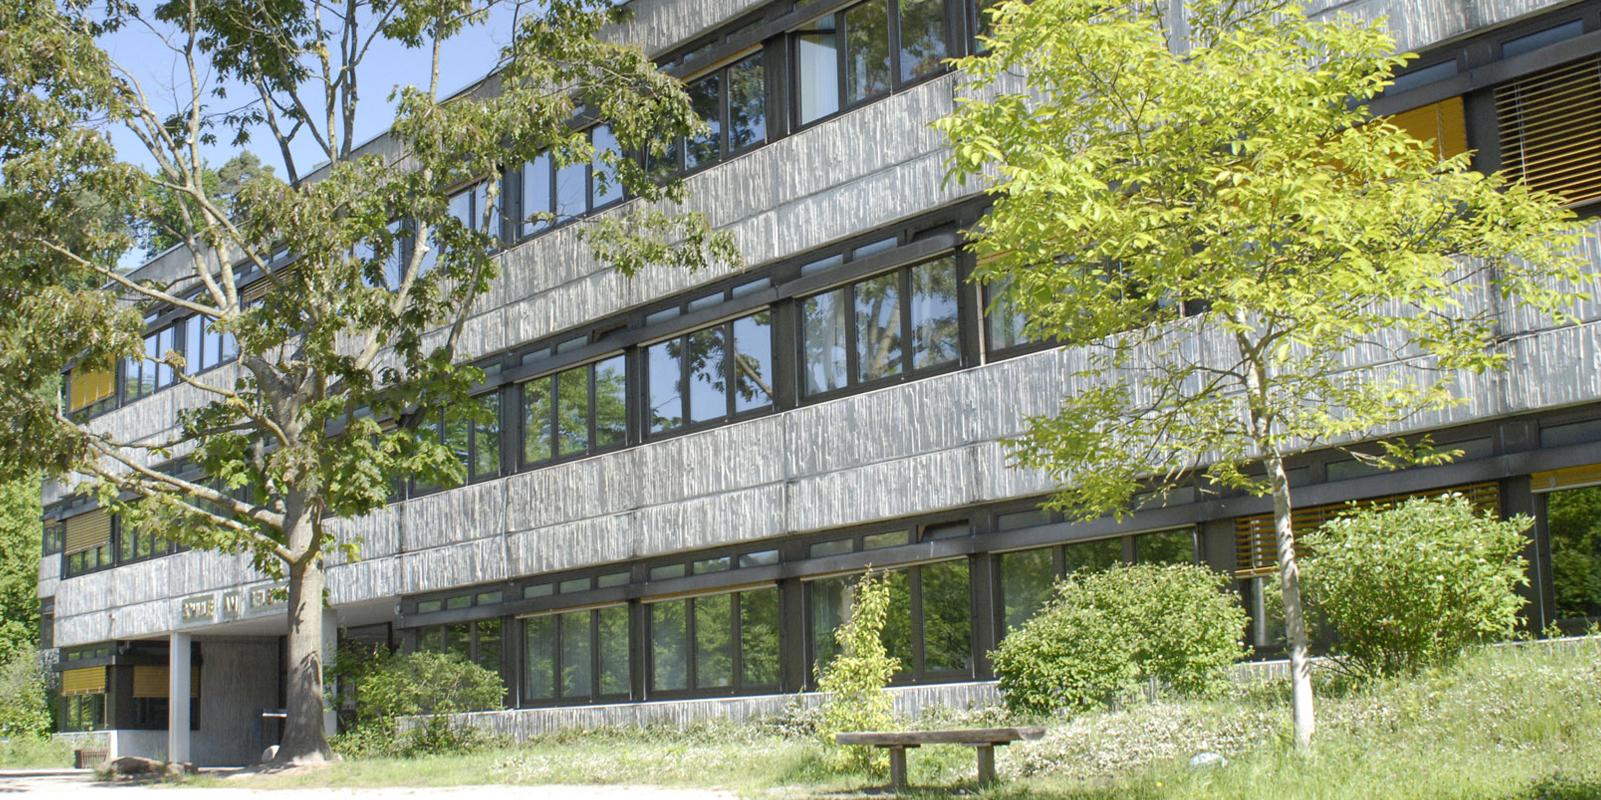 Schule am Beilstein Kaiserslautern